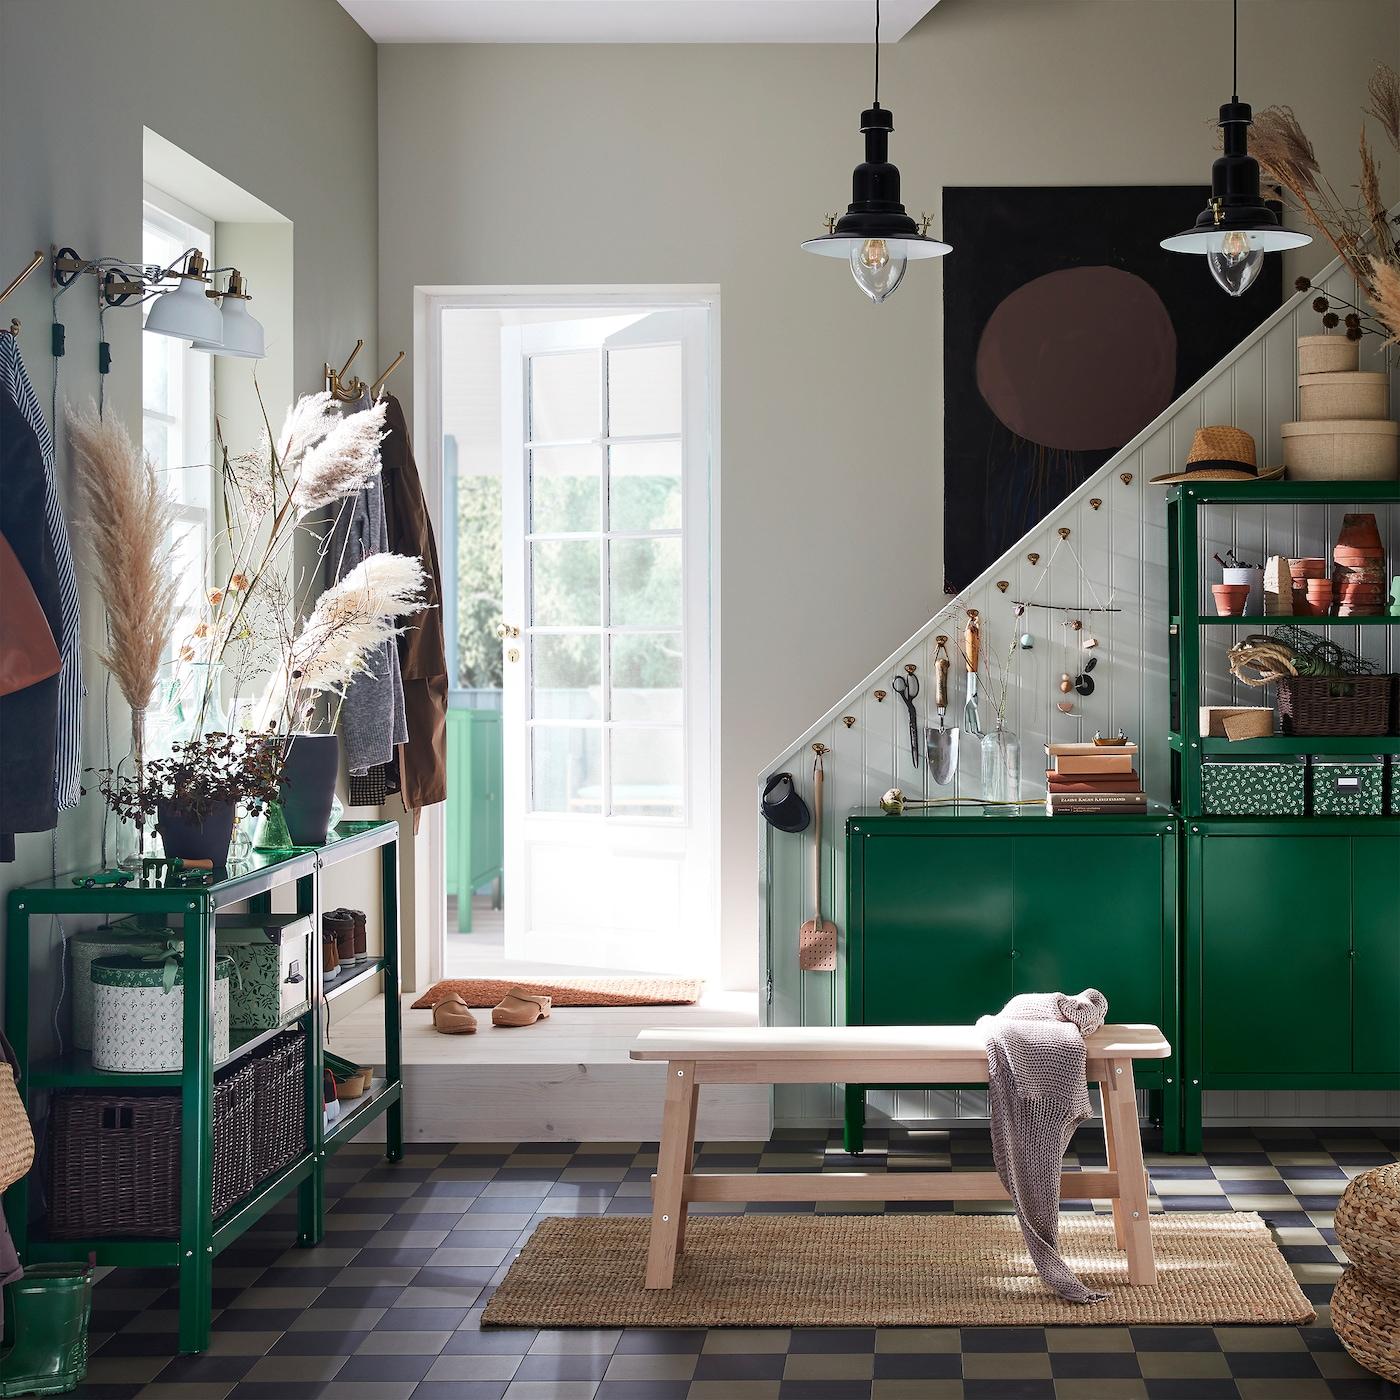 Przedpokój z zielonymi regałami i szafkami KOLBJÖRN, brzozową ławą, jutowym dywanem i dwiema czarnymi lampami wiszącymi.